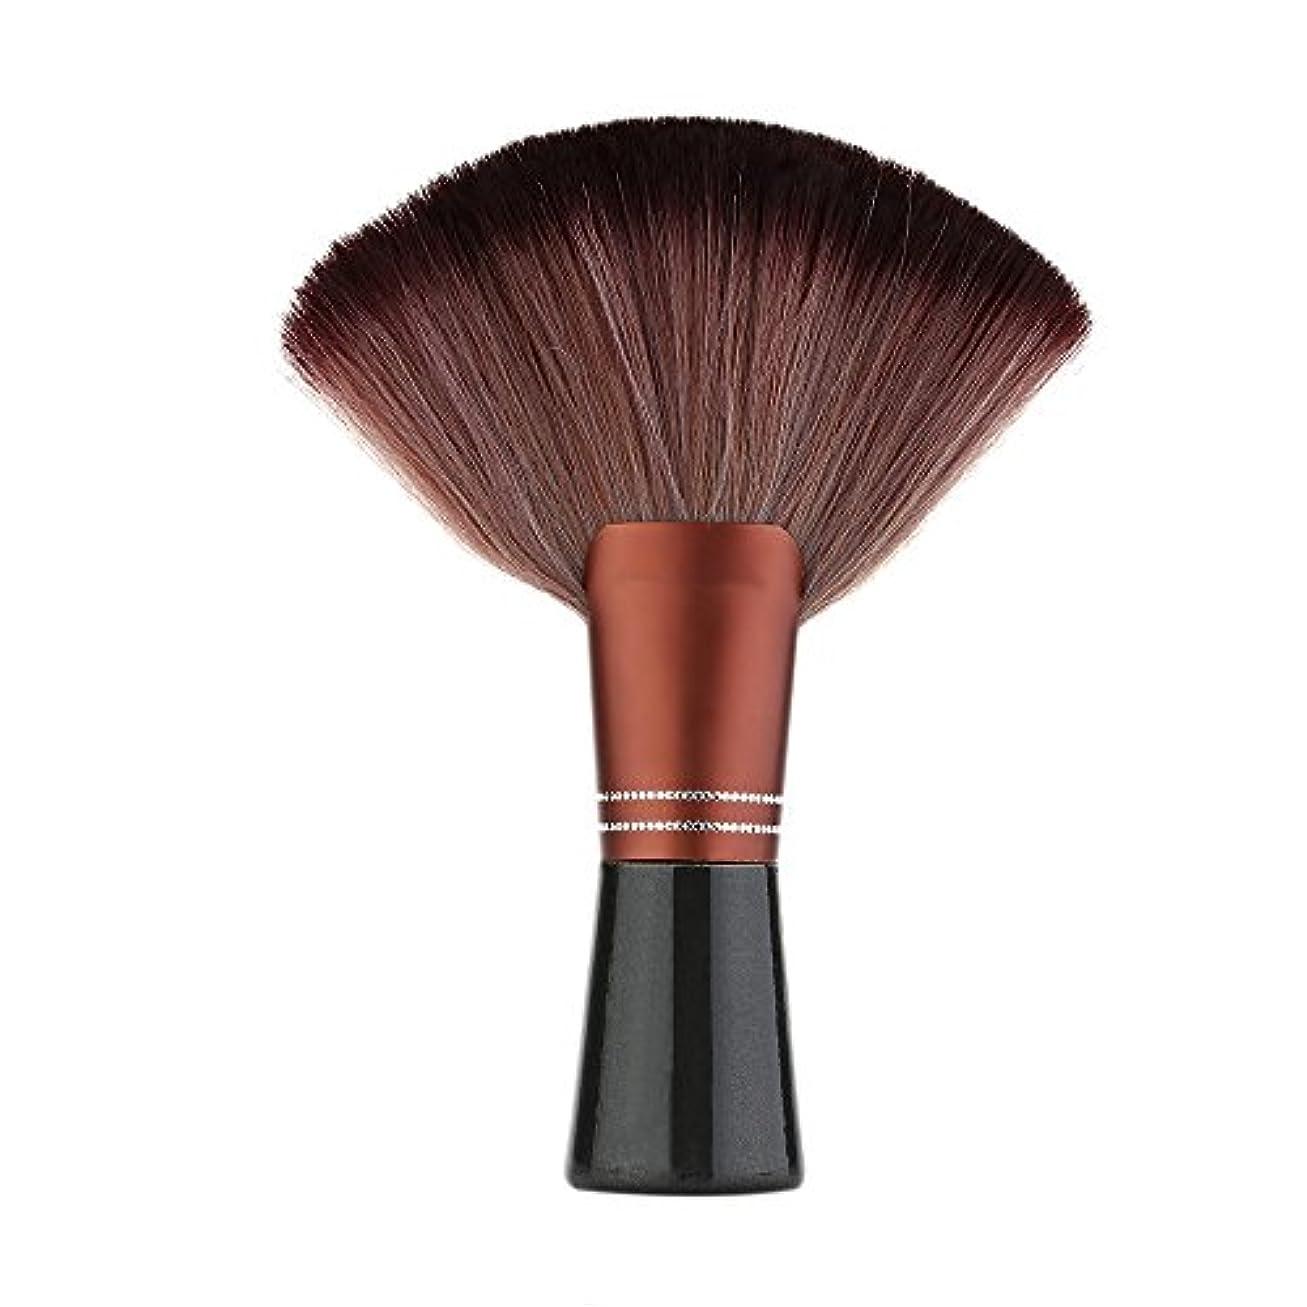 放射性郵便番号数学的なDecdeal 理髪ブラシ ネックブラシ 理髪師 ヘアブラシ 毛払いブラシ 髪切り 散髪用ツール